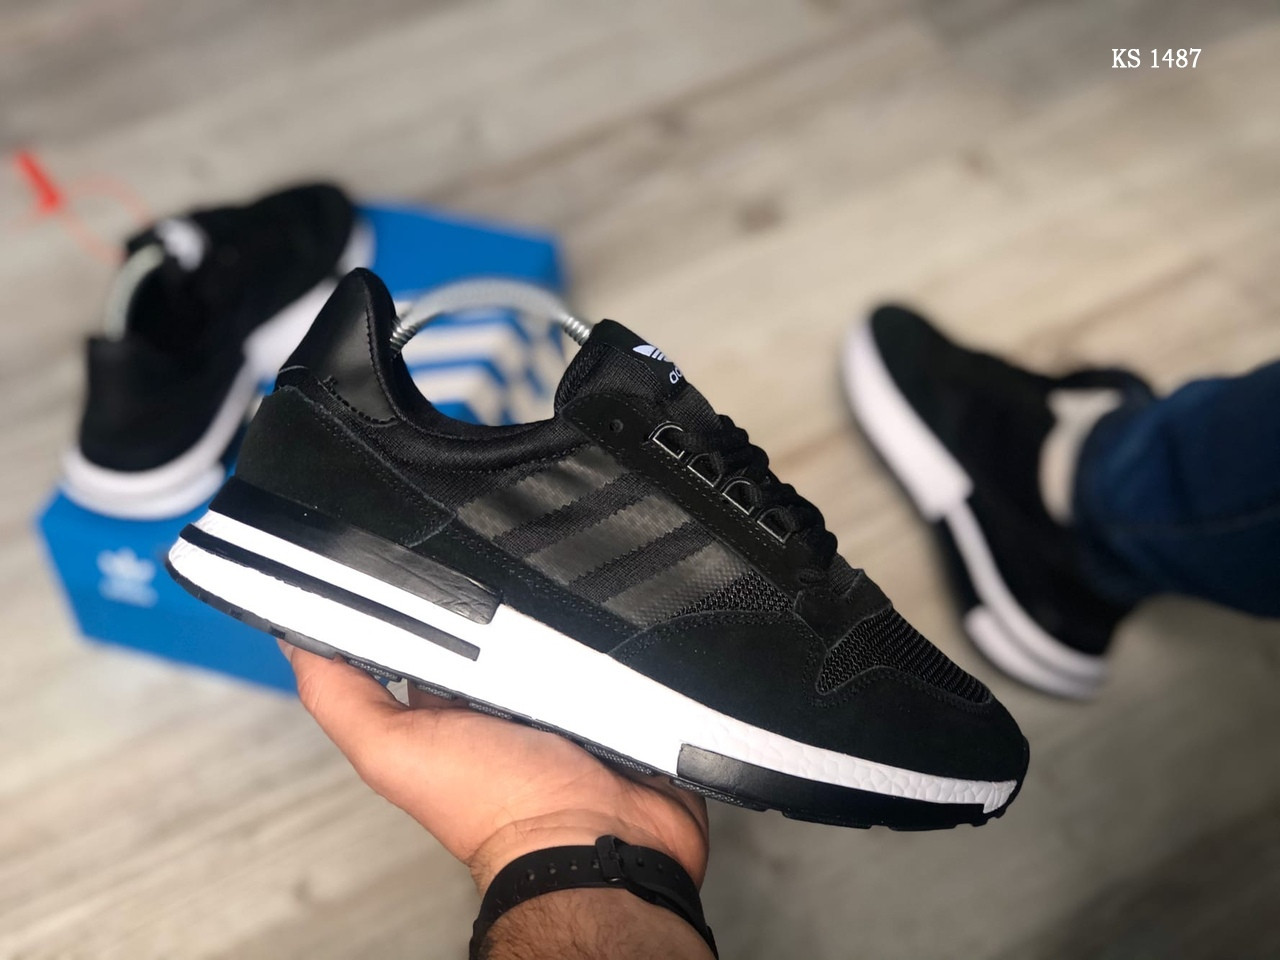 Чоловічі кросівки Adidas ZX500 RM (чорно-білі) KS 1487